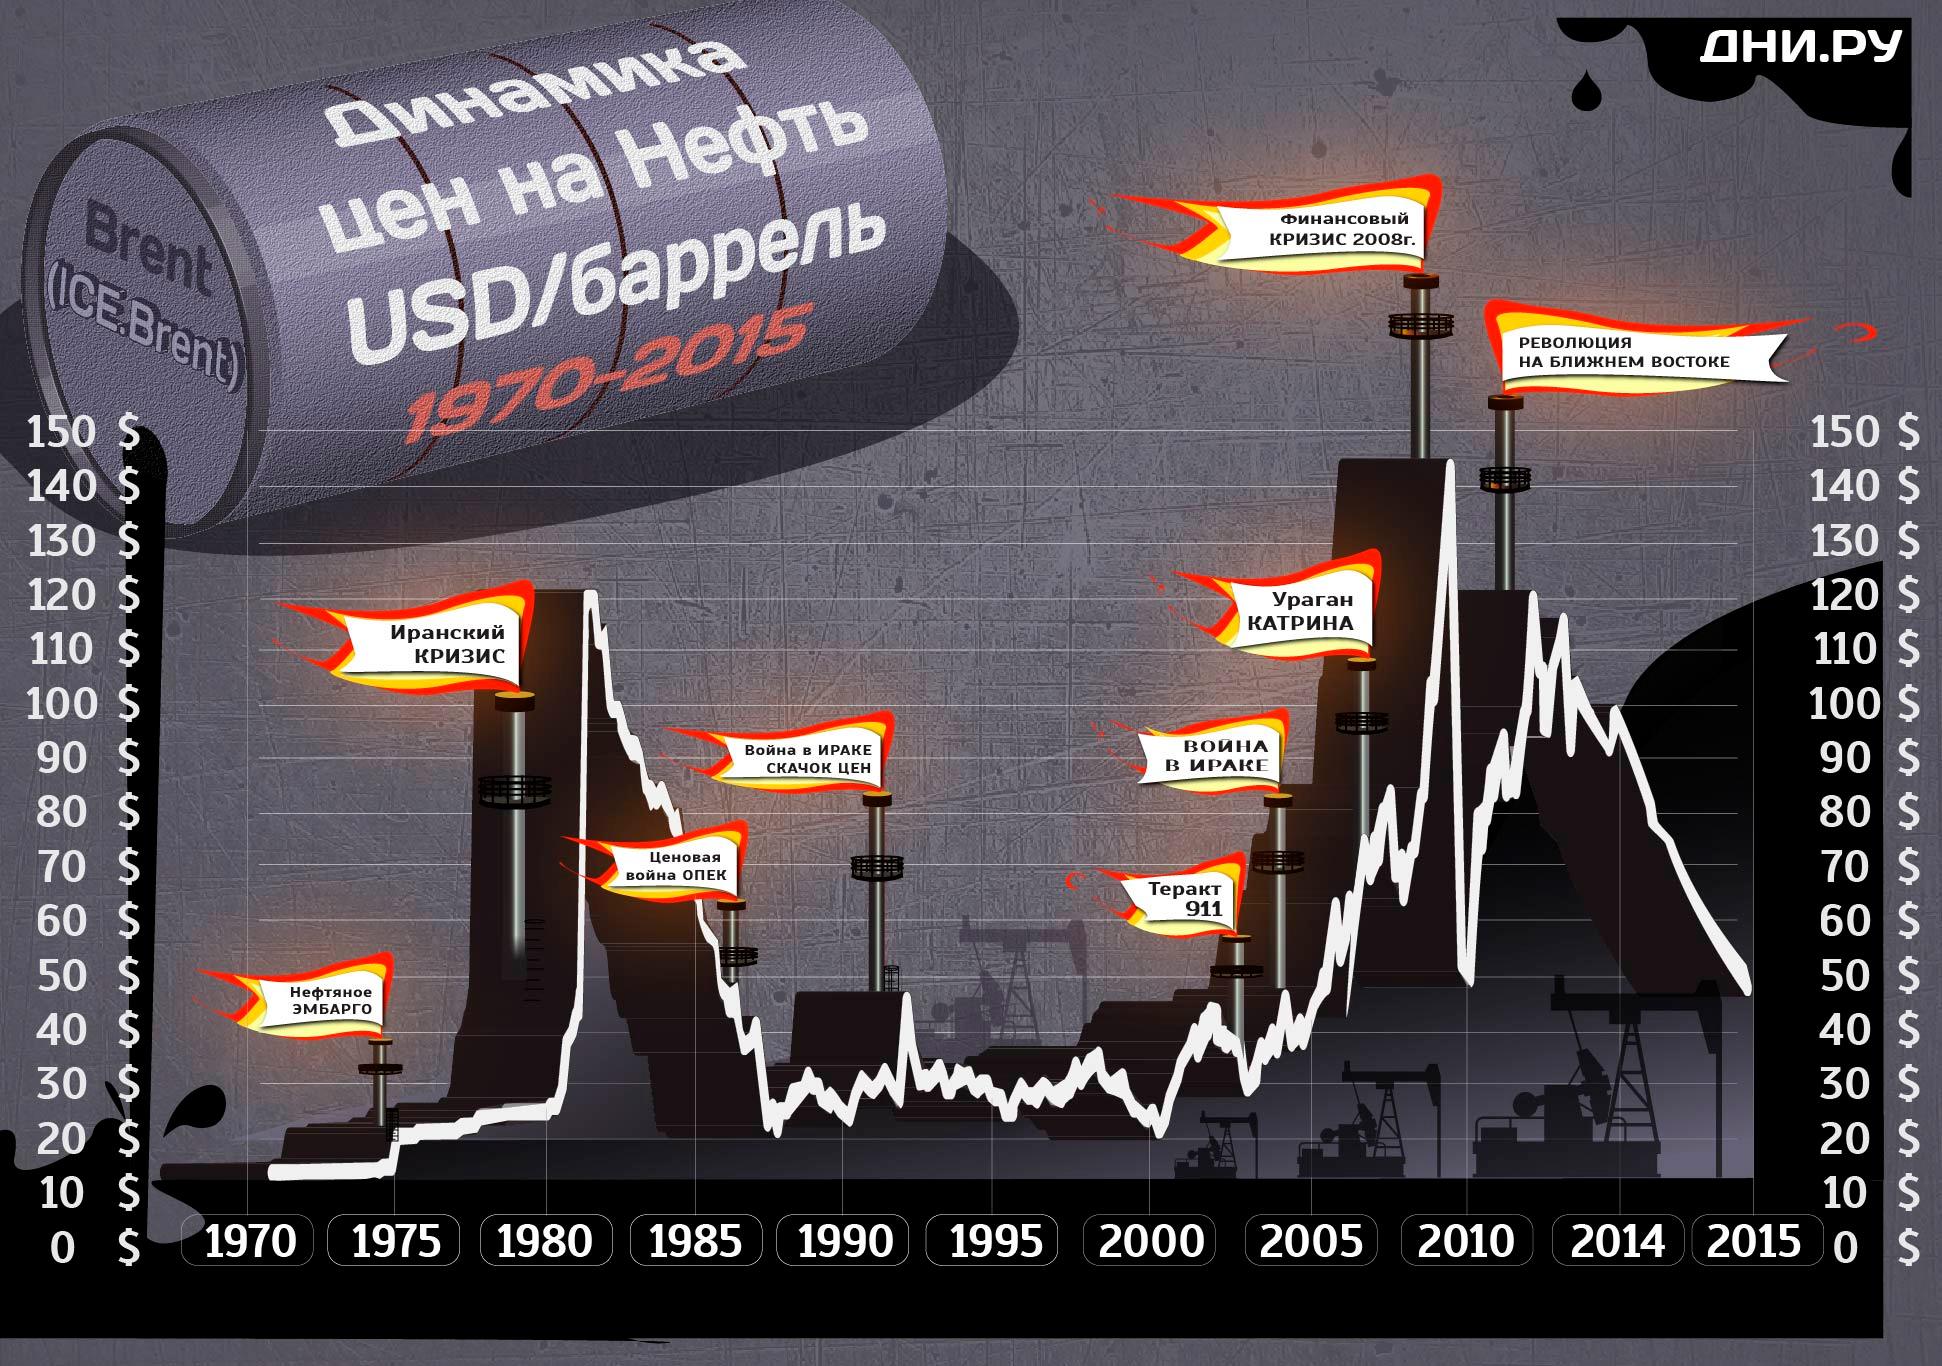 Нефтяные валюты входят в зону турбулентности